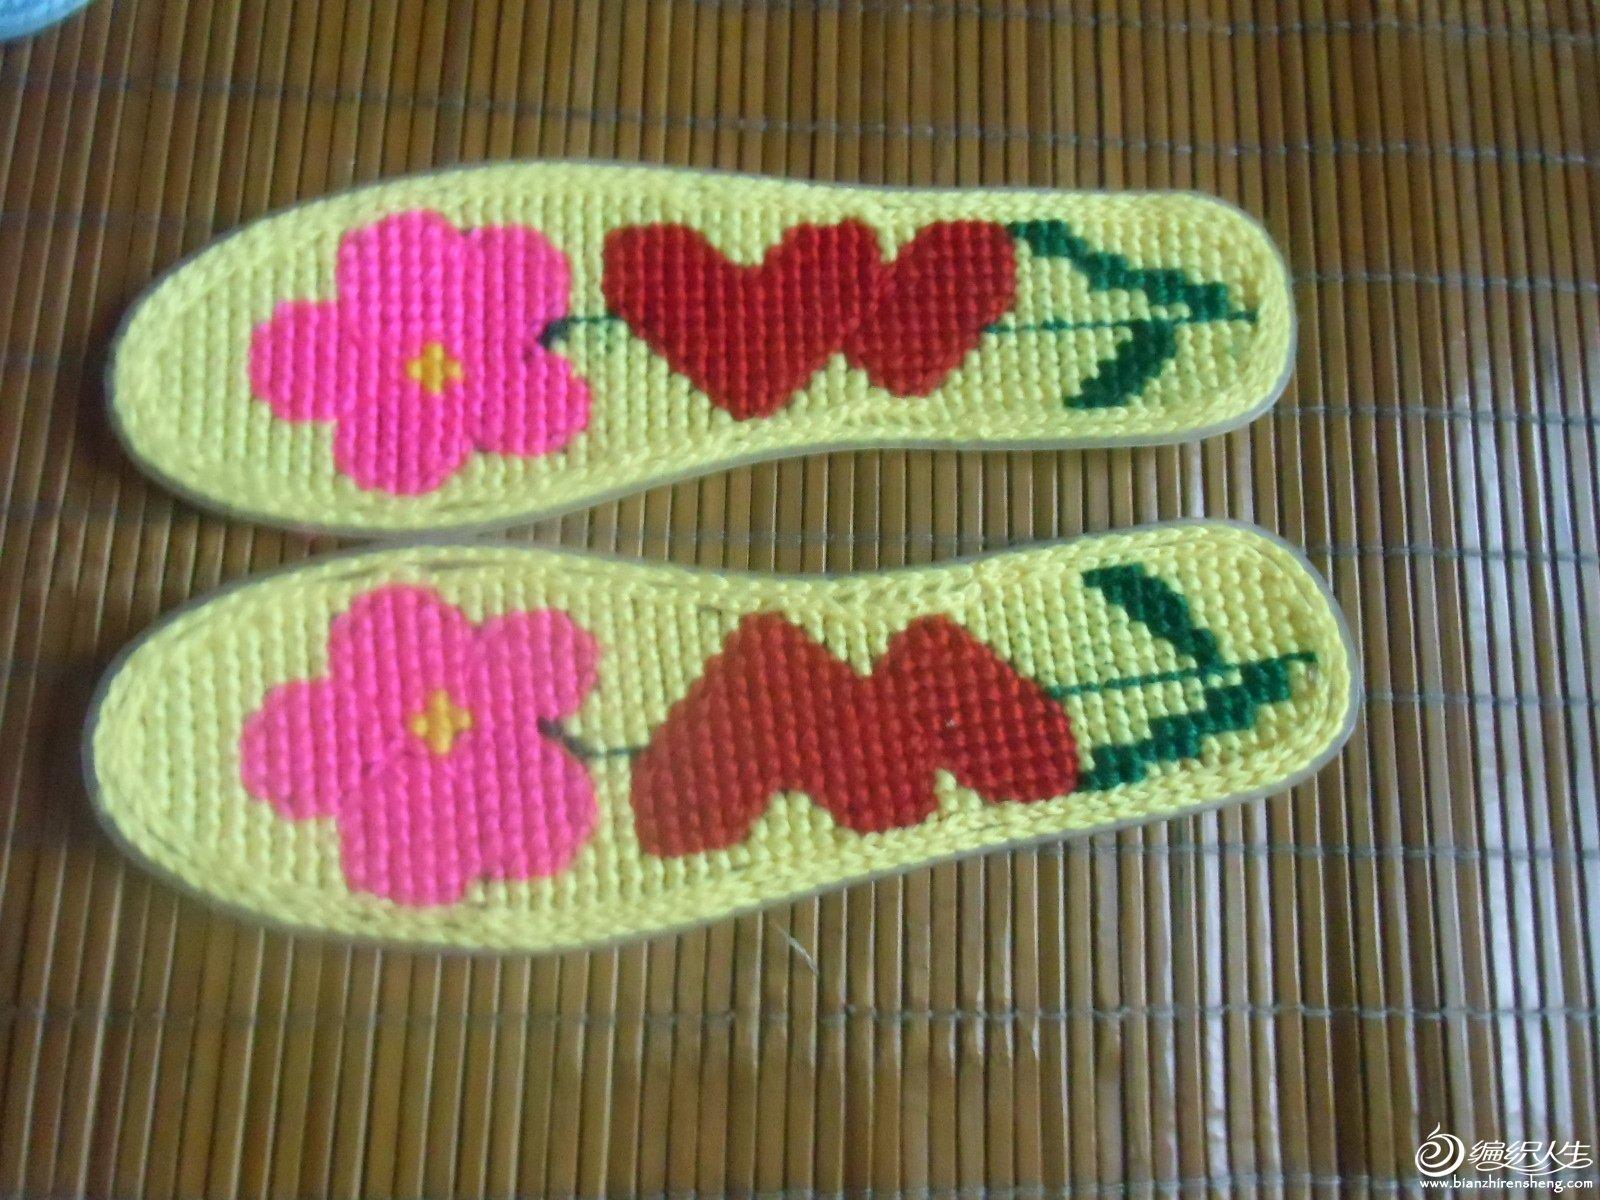 塑料网格十字绣鞋垫